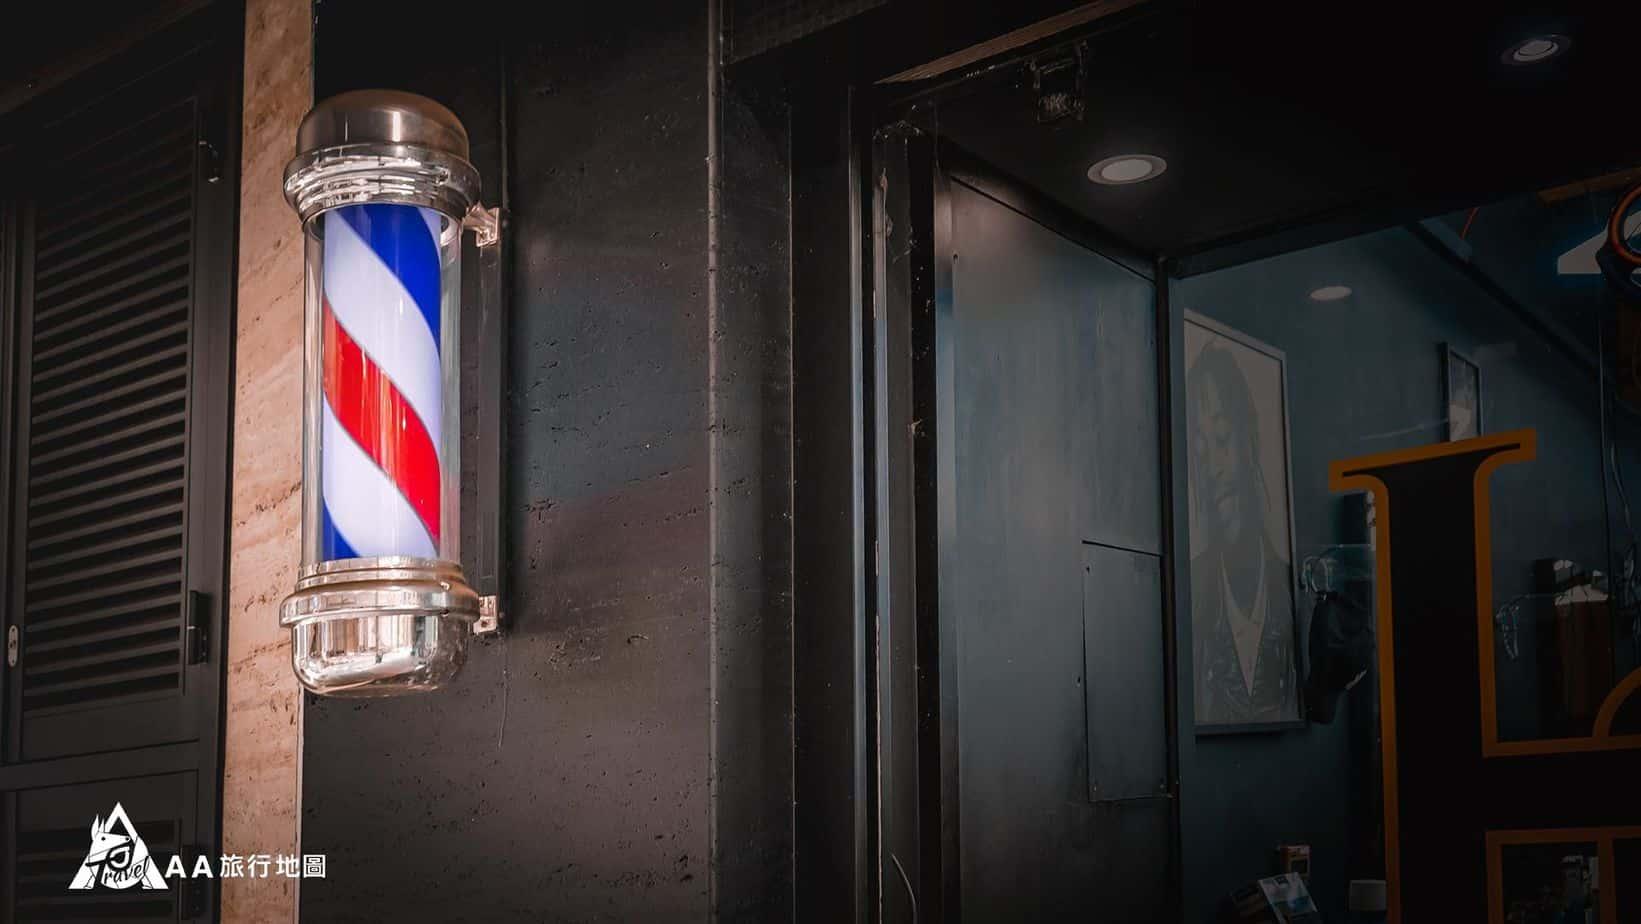 HomeComing 門口的霓紅燈很可愛,超復古的